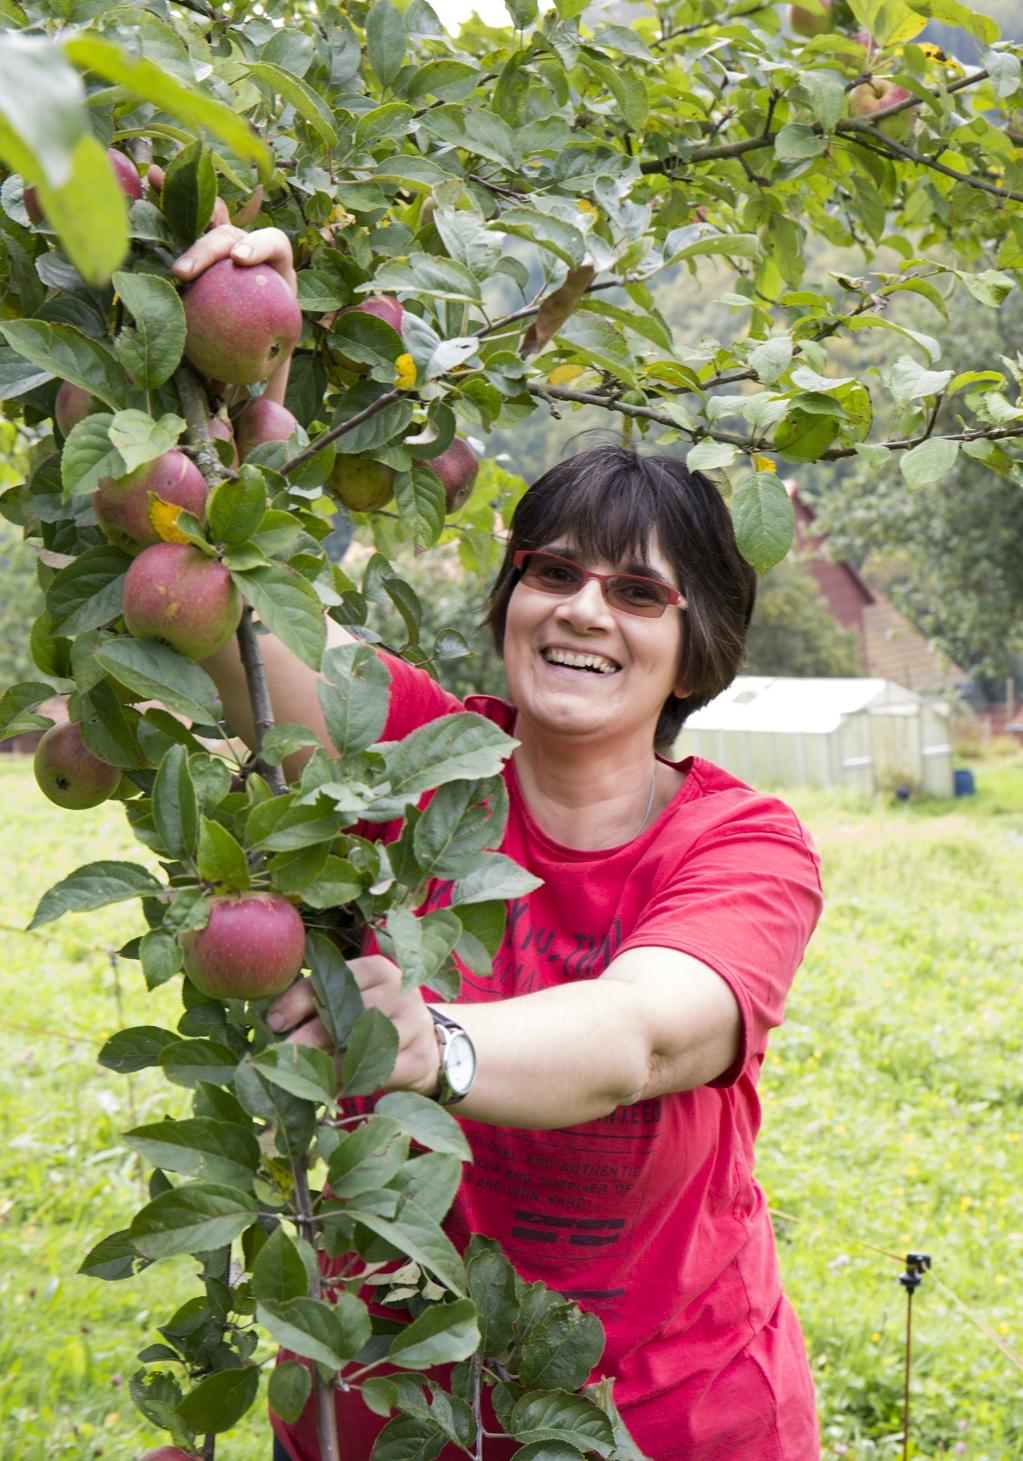 """Die Äpfel sind für unsere Fruchtbrotaufstriche : """"Apfel-Zimt"""", """"Apfel-Vanille"""", """"Apfel-Rose,"""" """"Apfelwein"""", """"Apfel-Minze"""""""